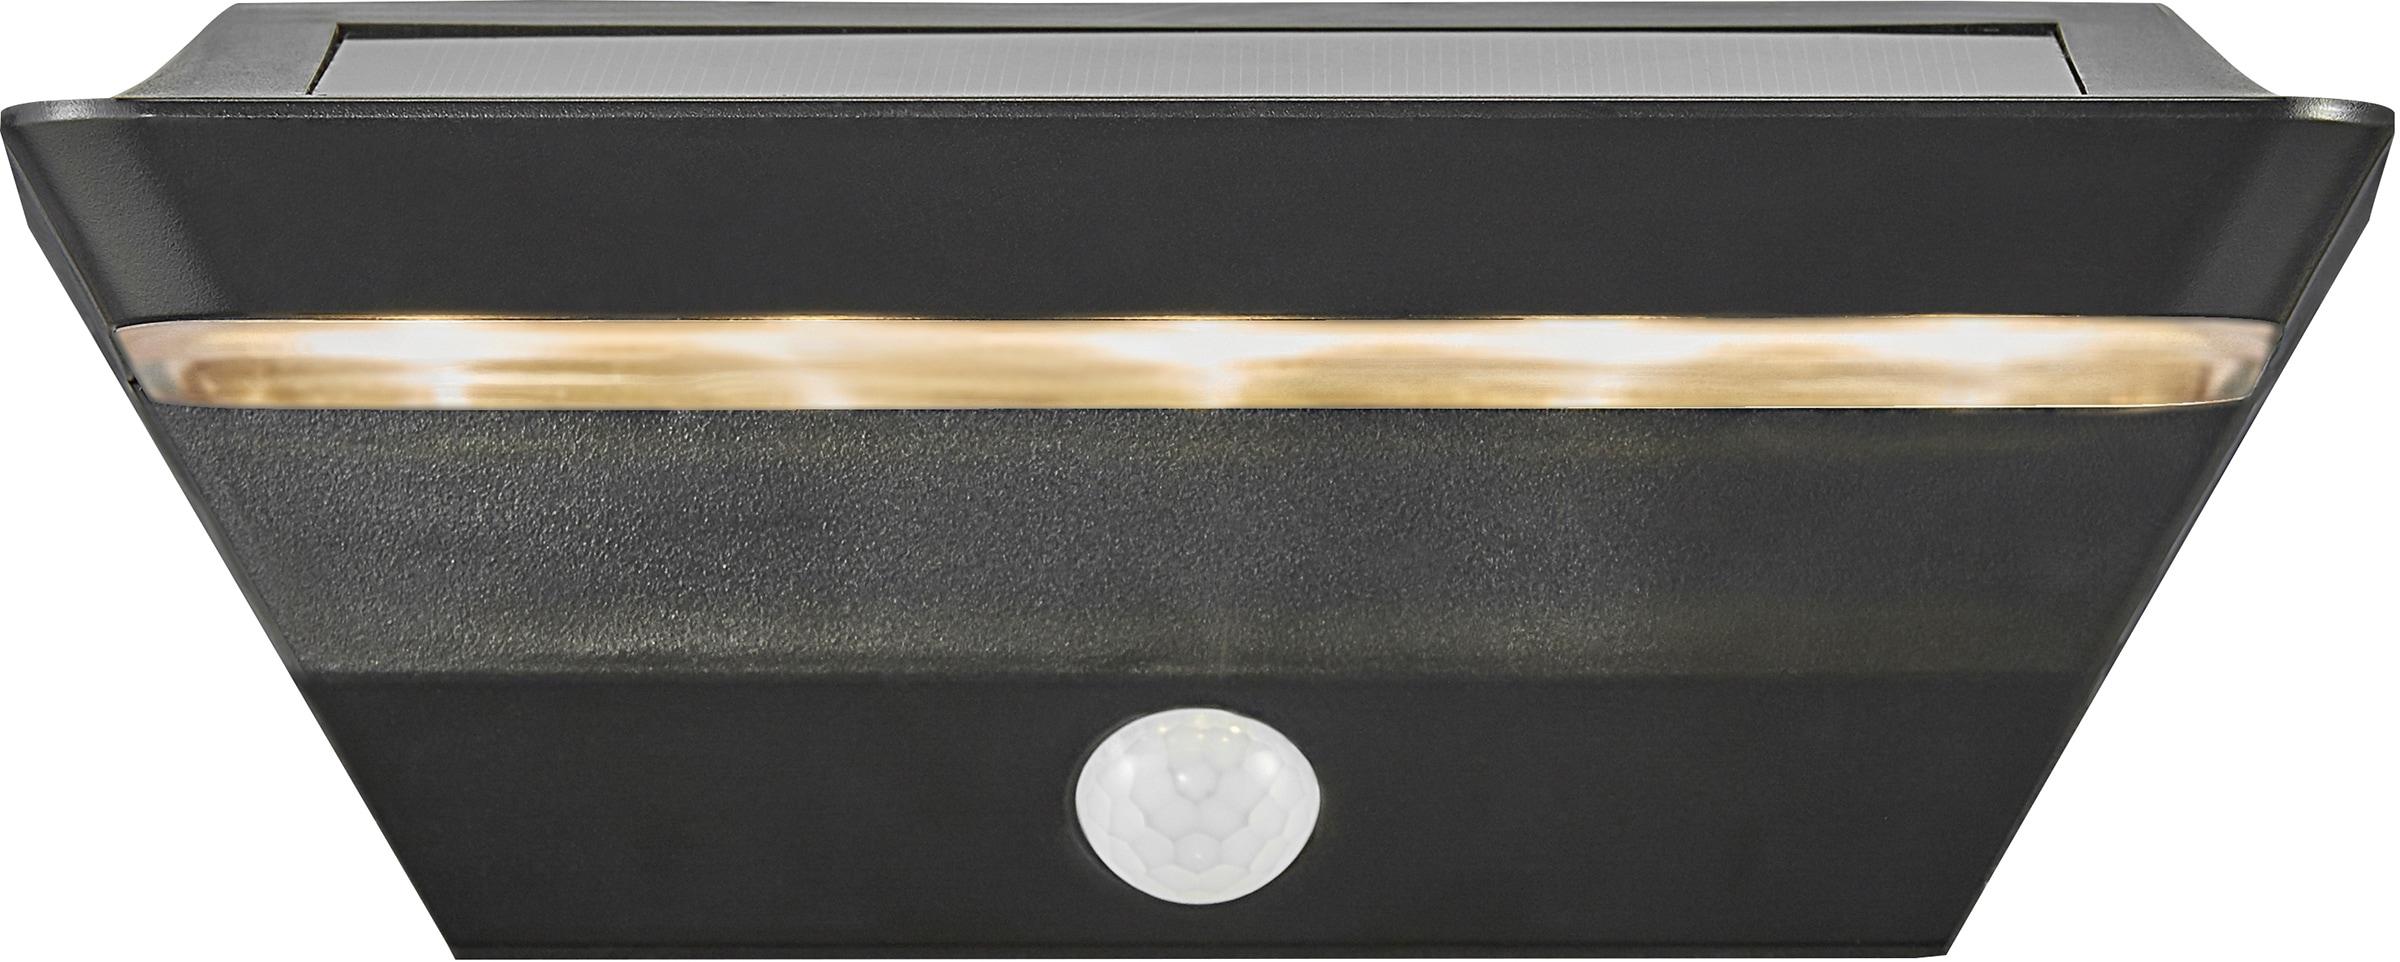 Nordlux LED Außen-Wandleuchte AGENA, LED-Modul, 5 Jahre Garantie auf die LED/ Solar Modul